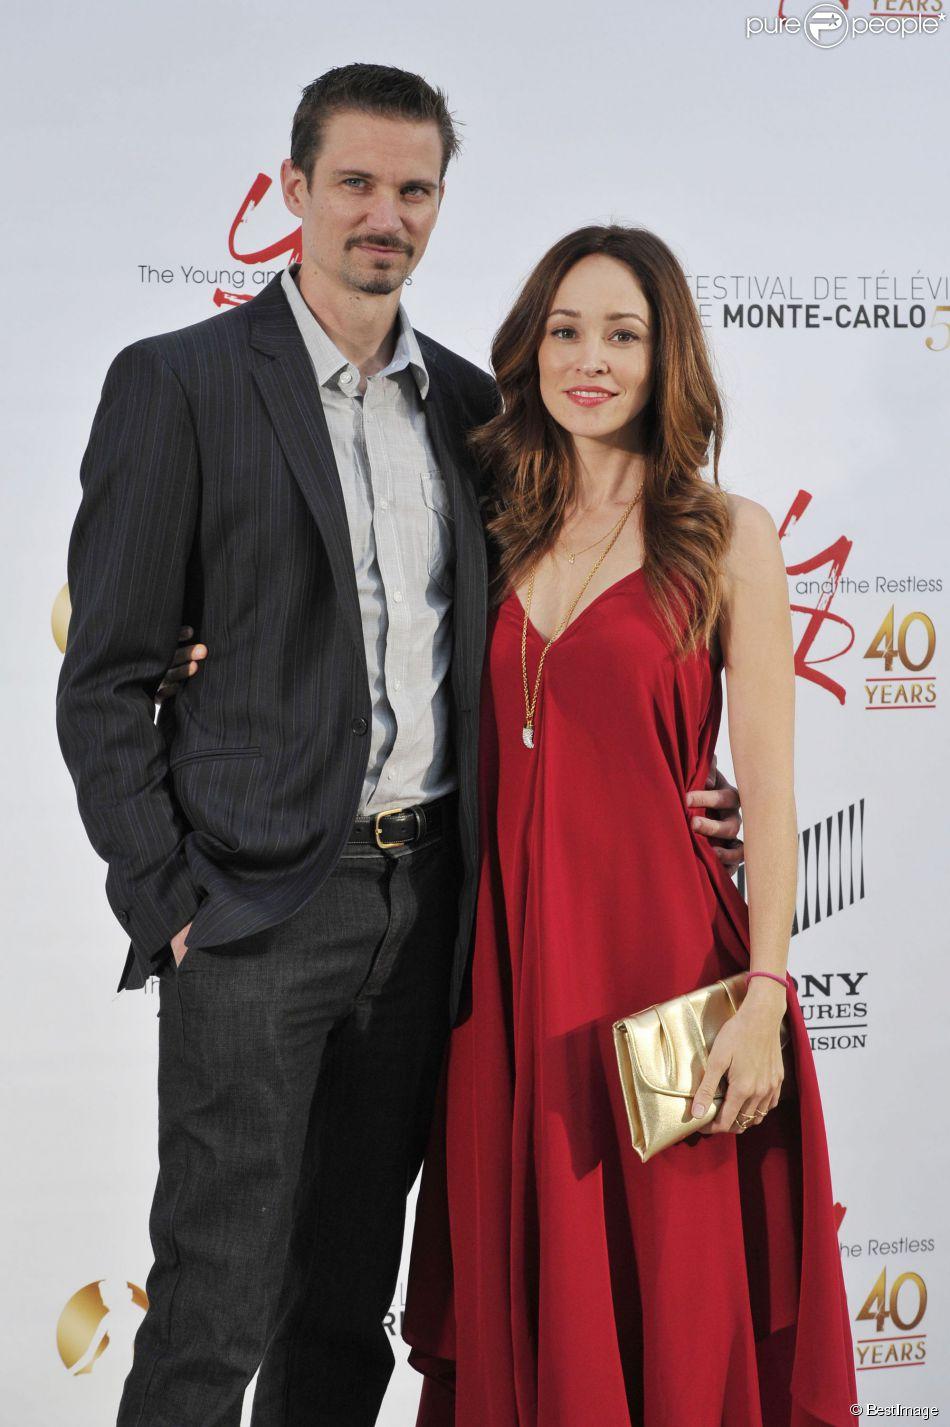 Autumn Reeser, enceinte, et son mari Jesse Warren pendant la soirée de célébration des 40 ans de la série 'Les Feux de l'Amour', le 10 juin 2013 au Monte Carlo Bay Hotel à Monaco, dans le cadre du 53e Festival de Télévision de Monte Carlo.